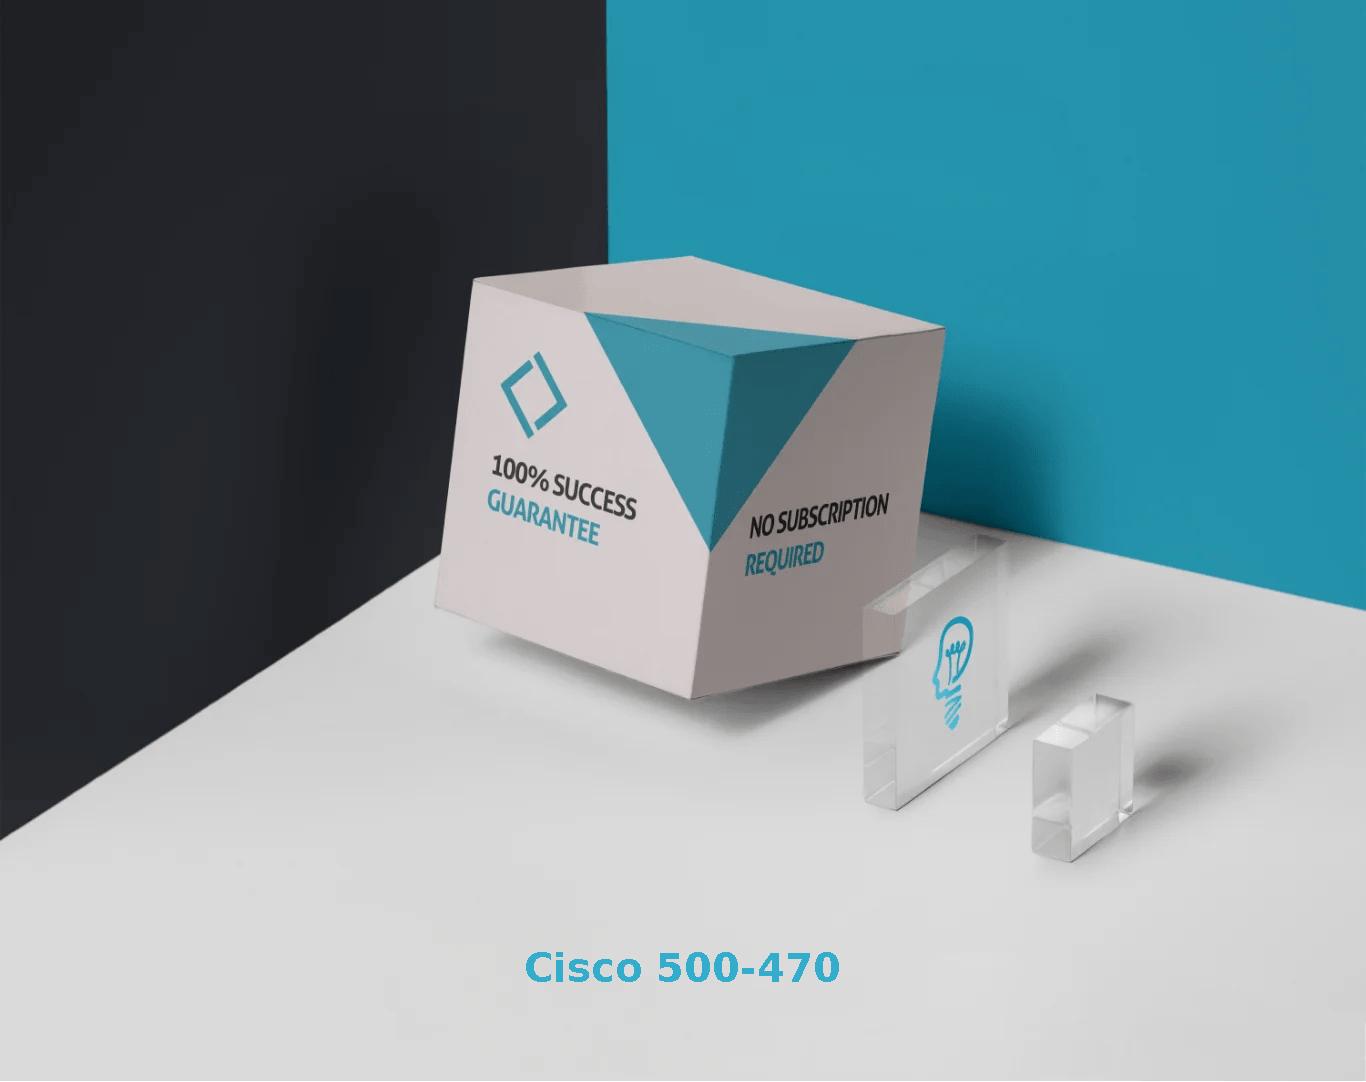 Cisco 500-470 Exams